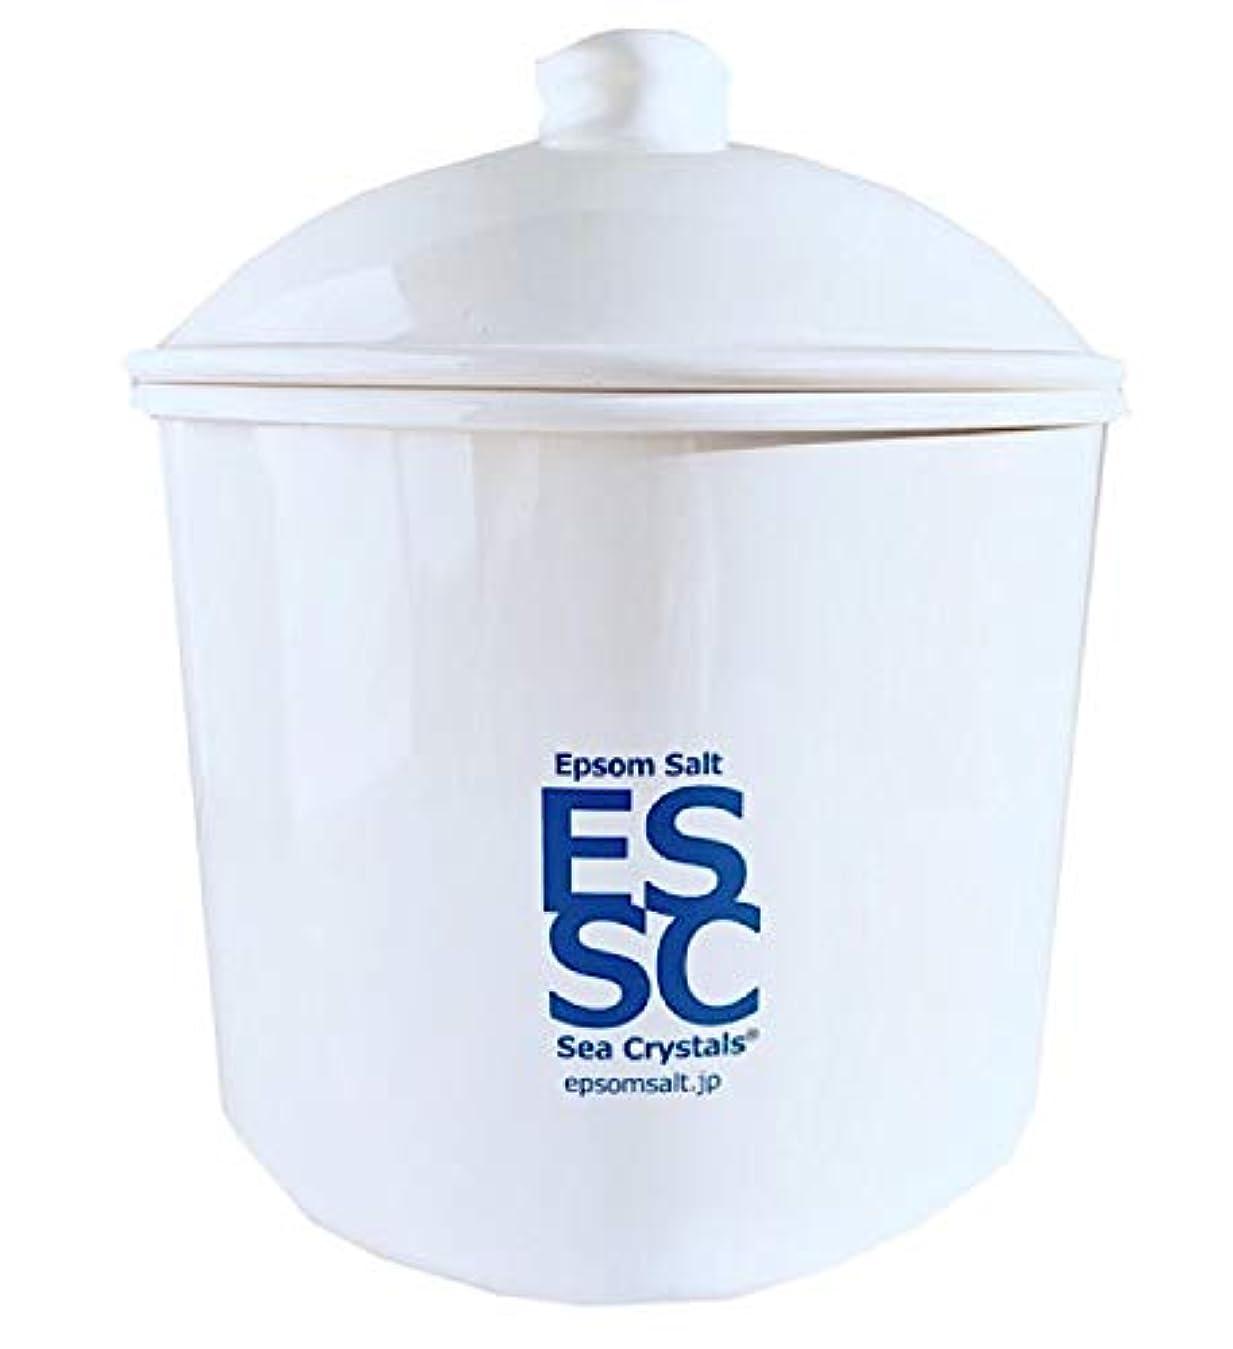 飢饉盗賊酸化物シークリスタルス 国産 エプソムソルト 入浴剤 ケース入り2.2kg 約14回分 計量スプーン付き 無香料 硫酸マグネシウム